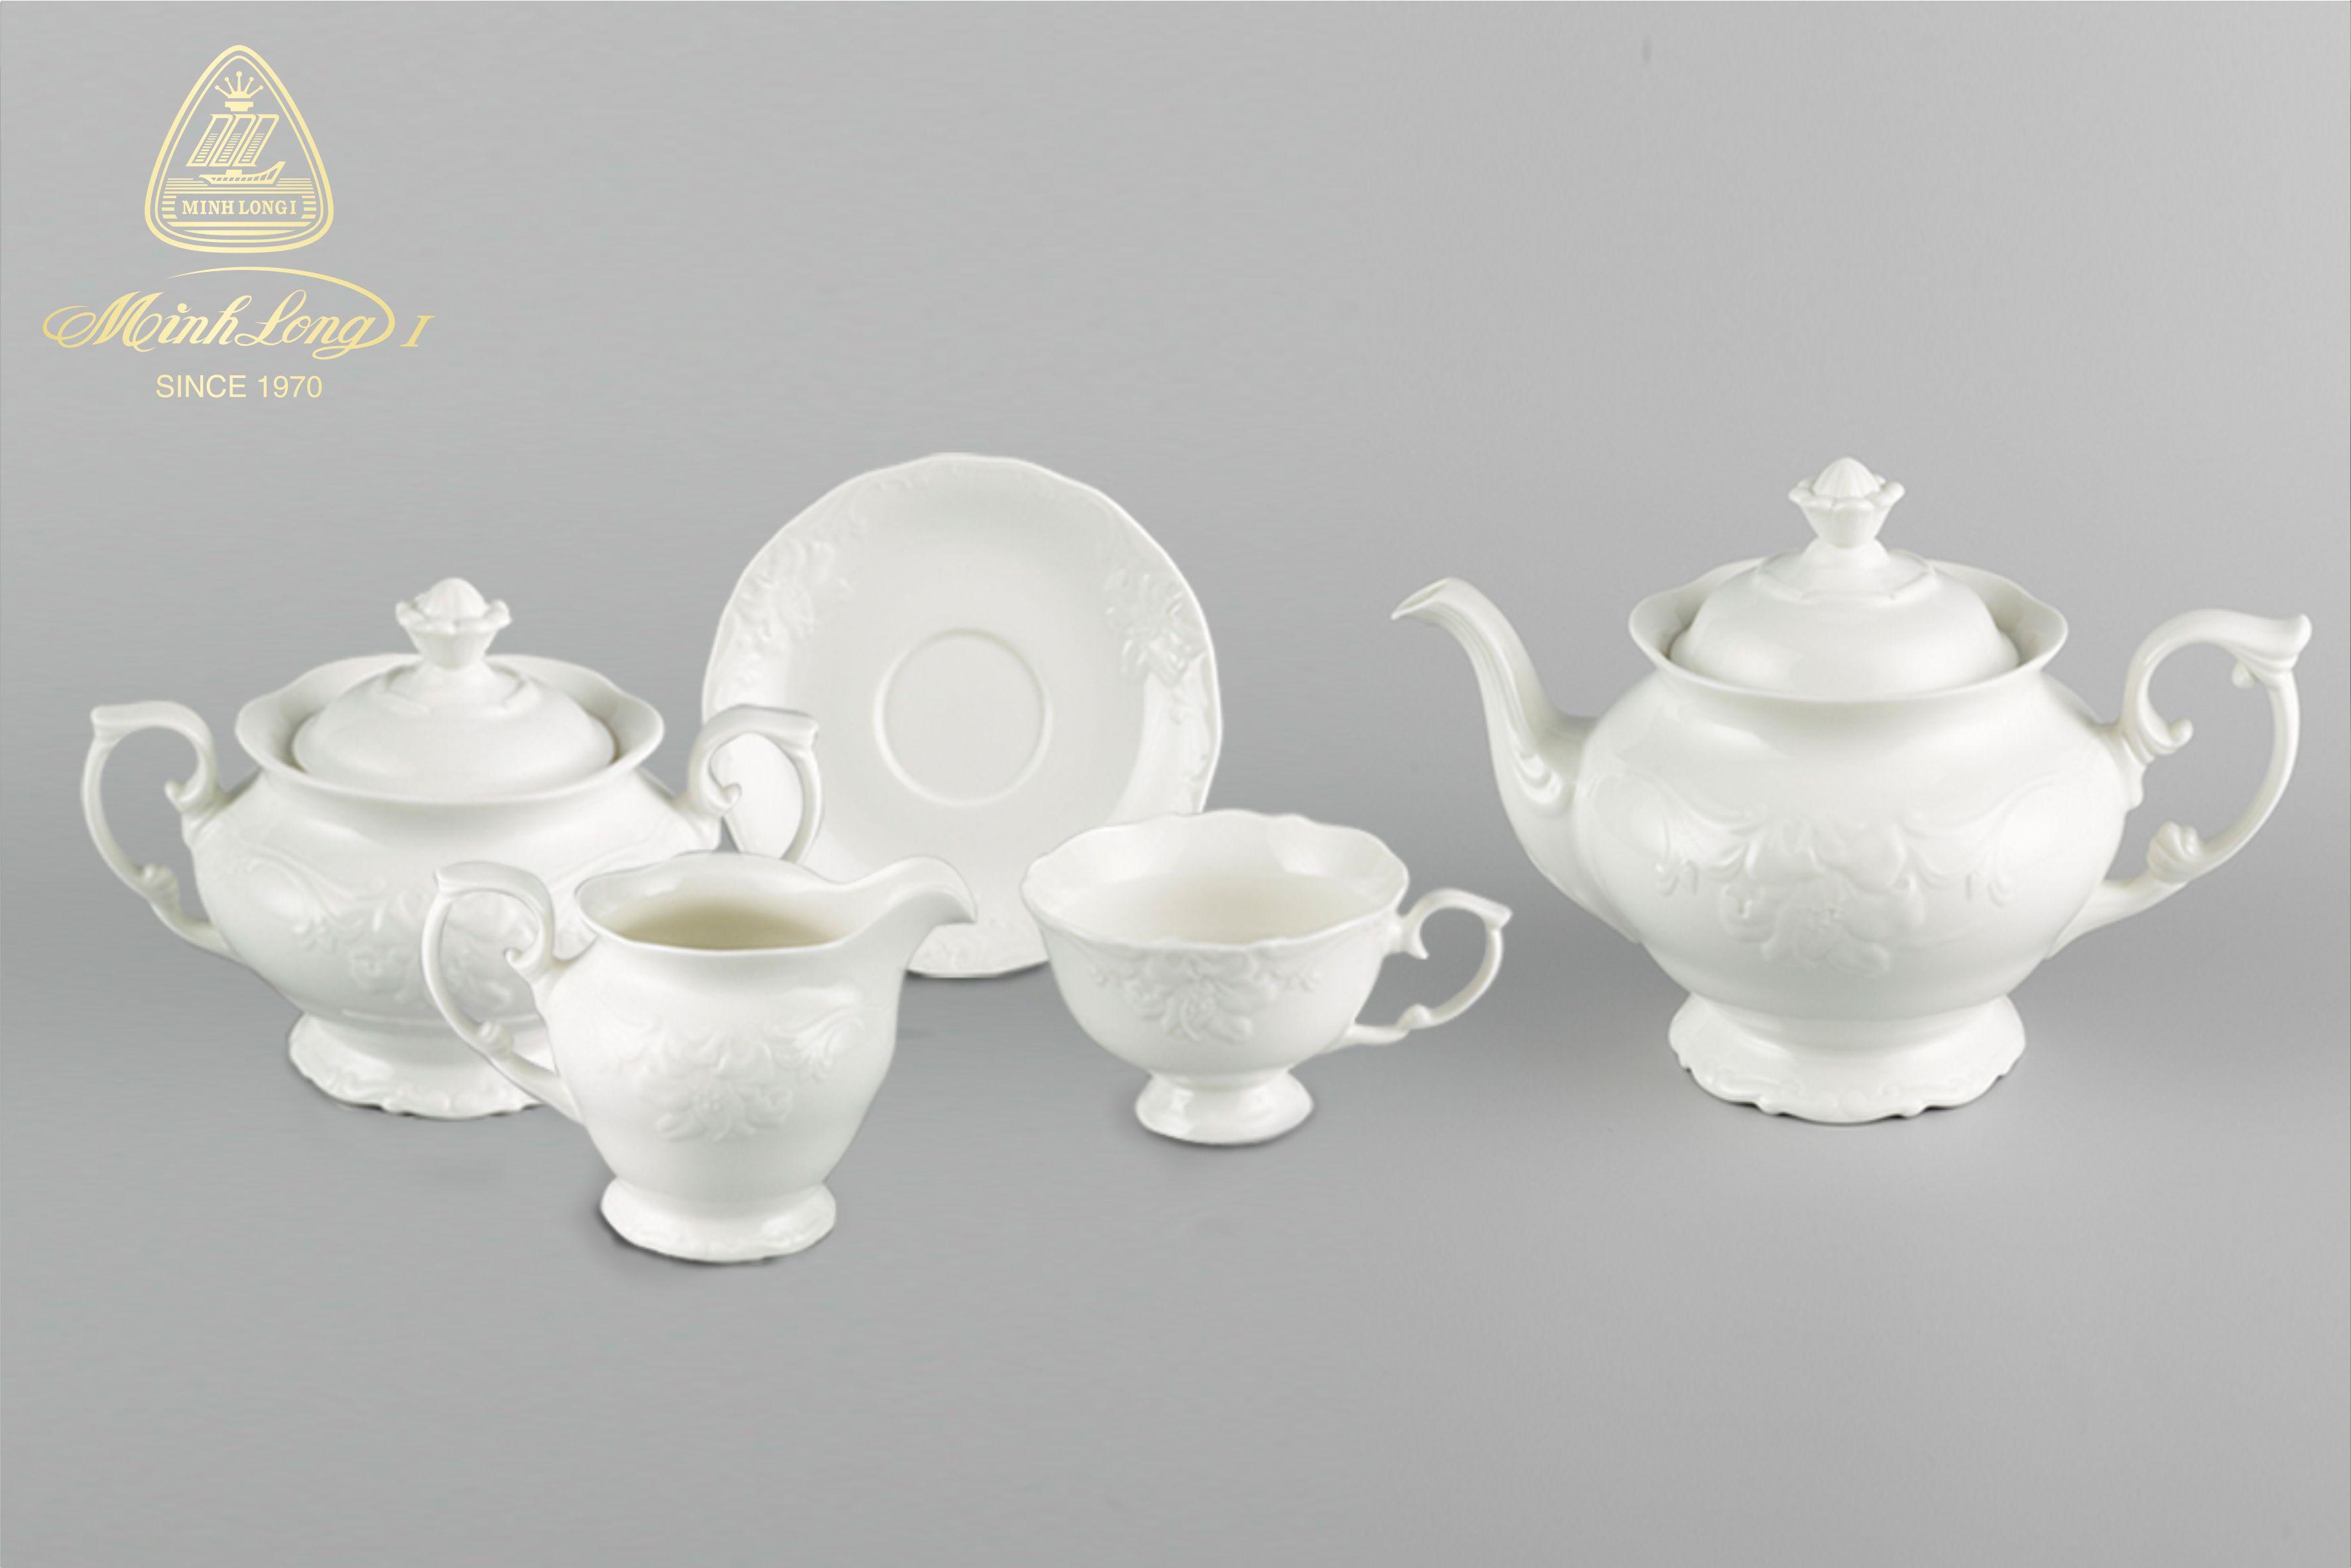 Bộ trà 1.3L Đài Các Trắng Ngà 01134600003 Minh Long